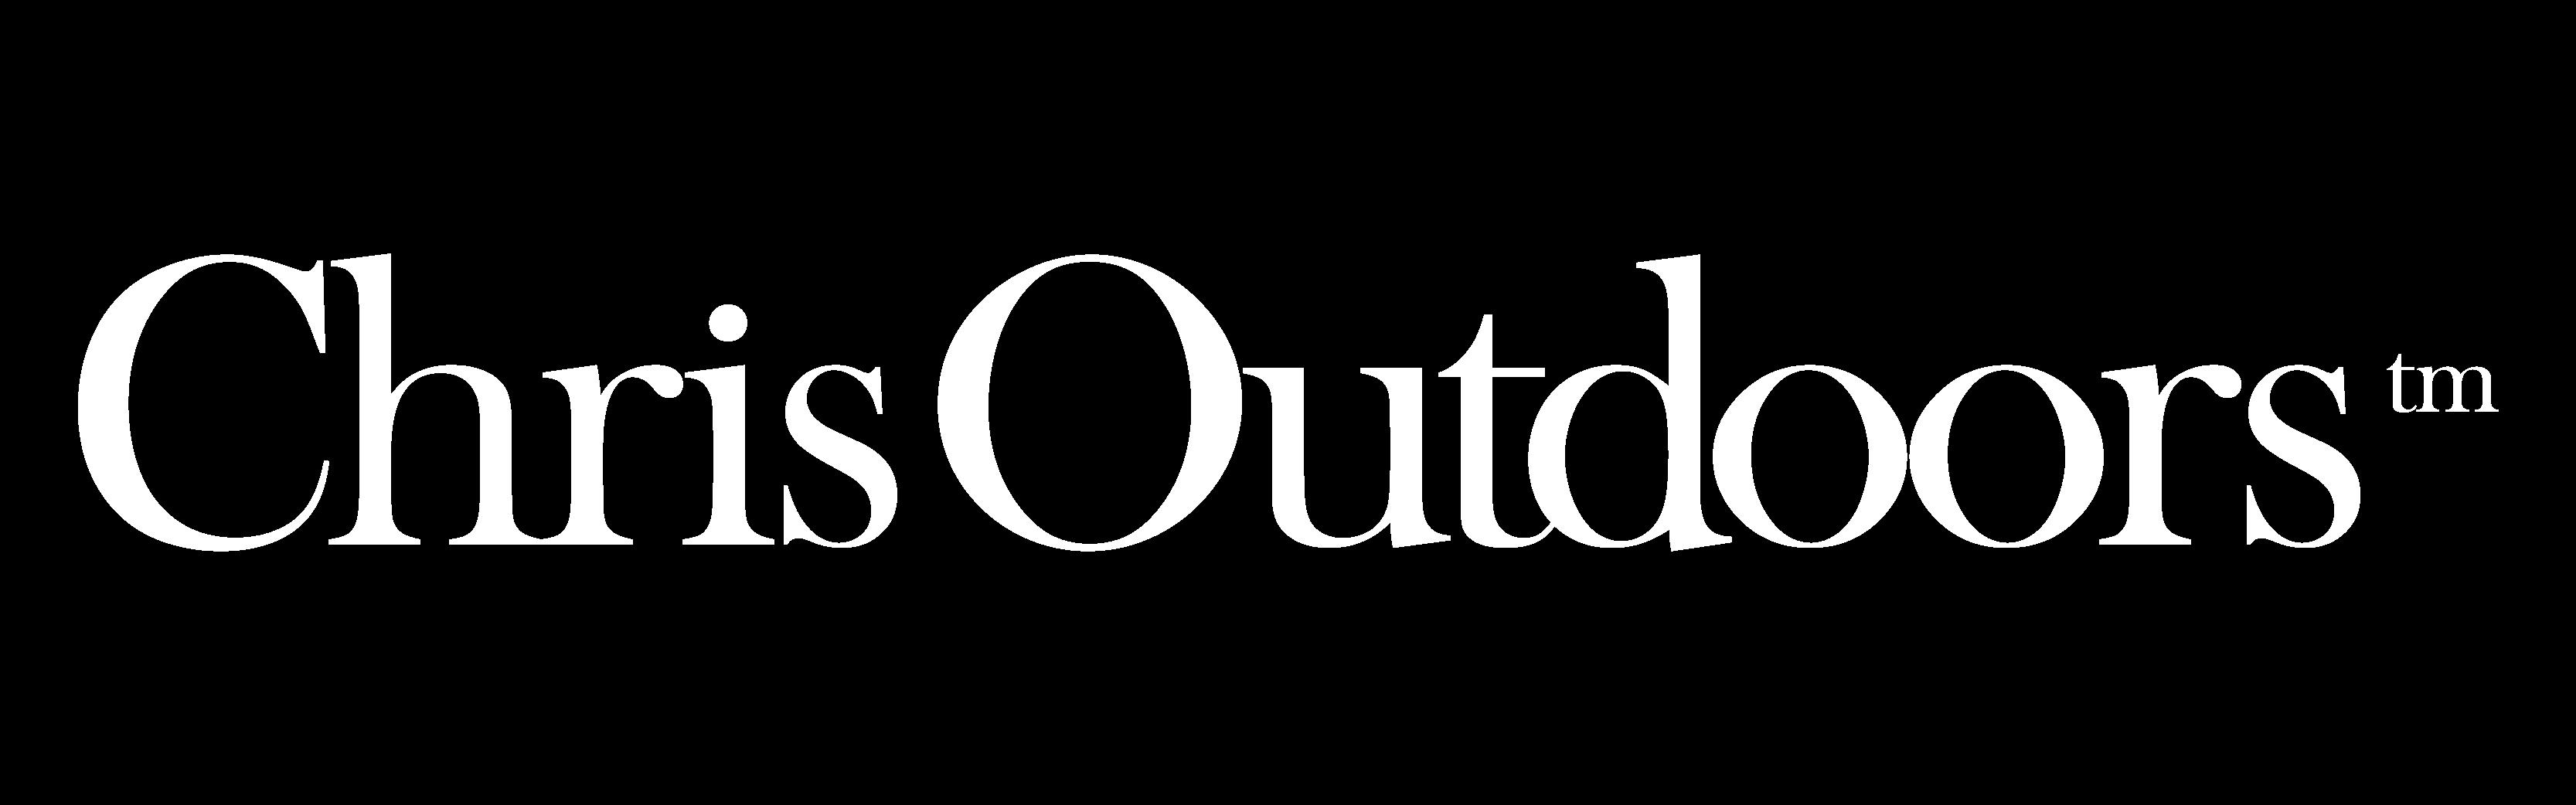 Chris Outdoors